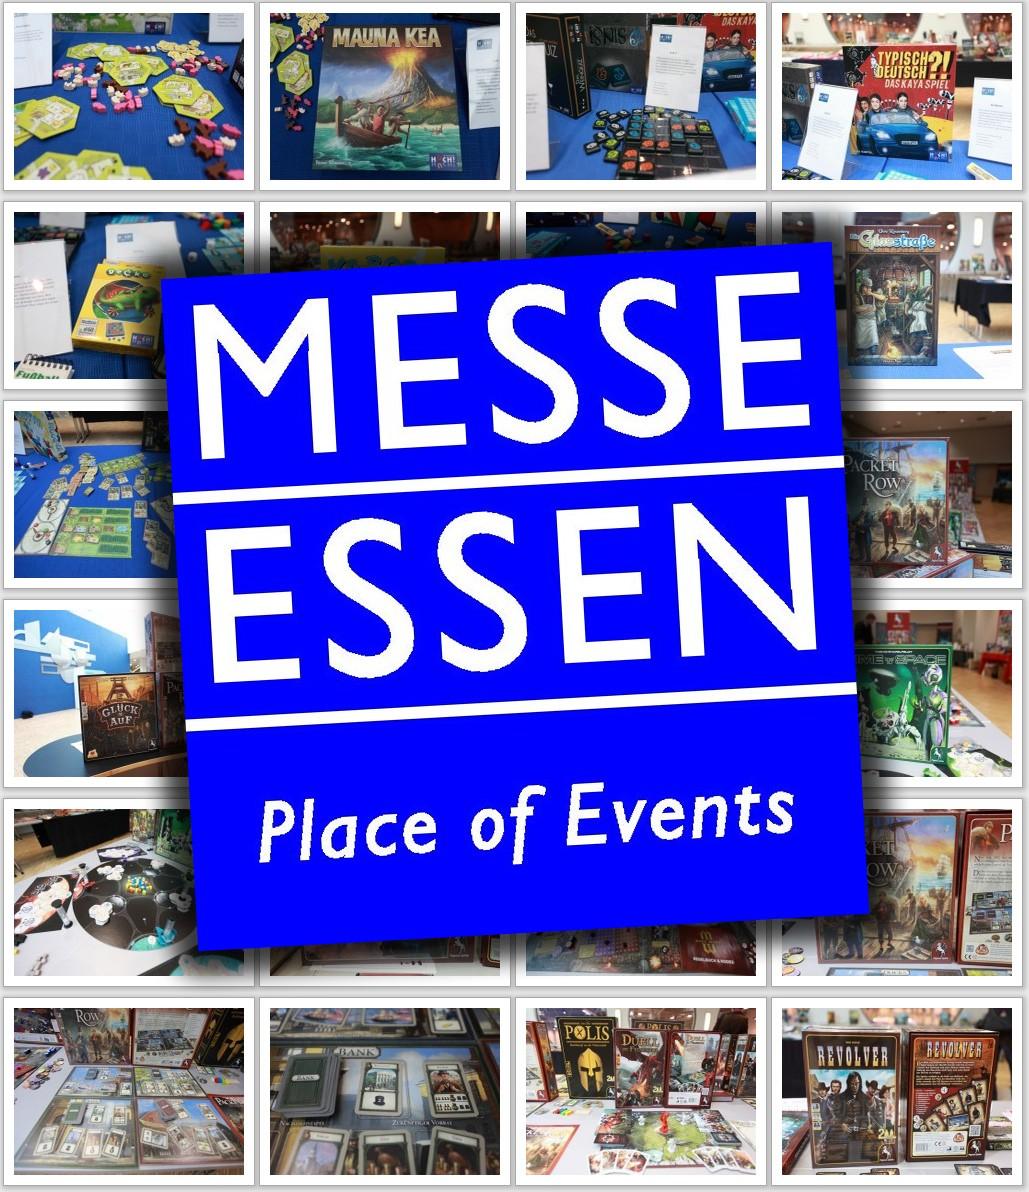 Essen 2013 : le Show Room